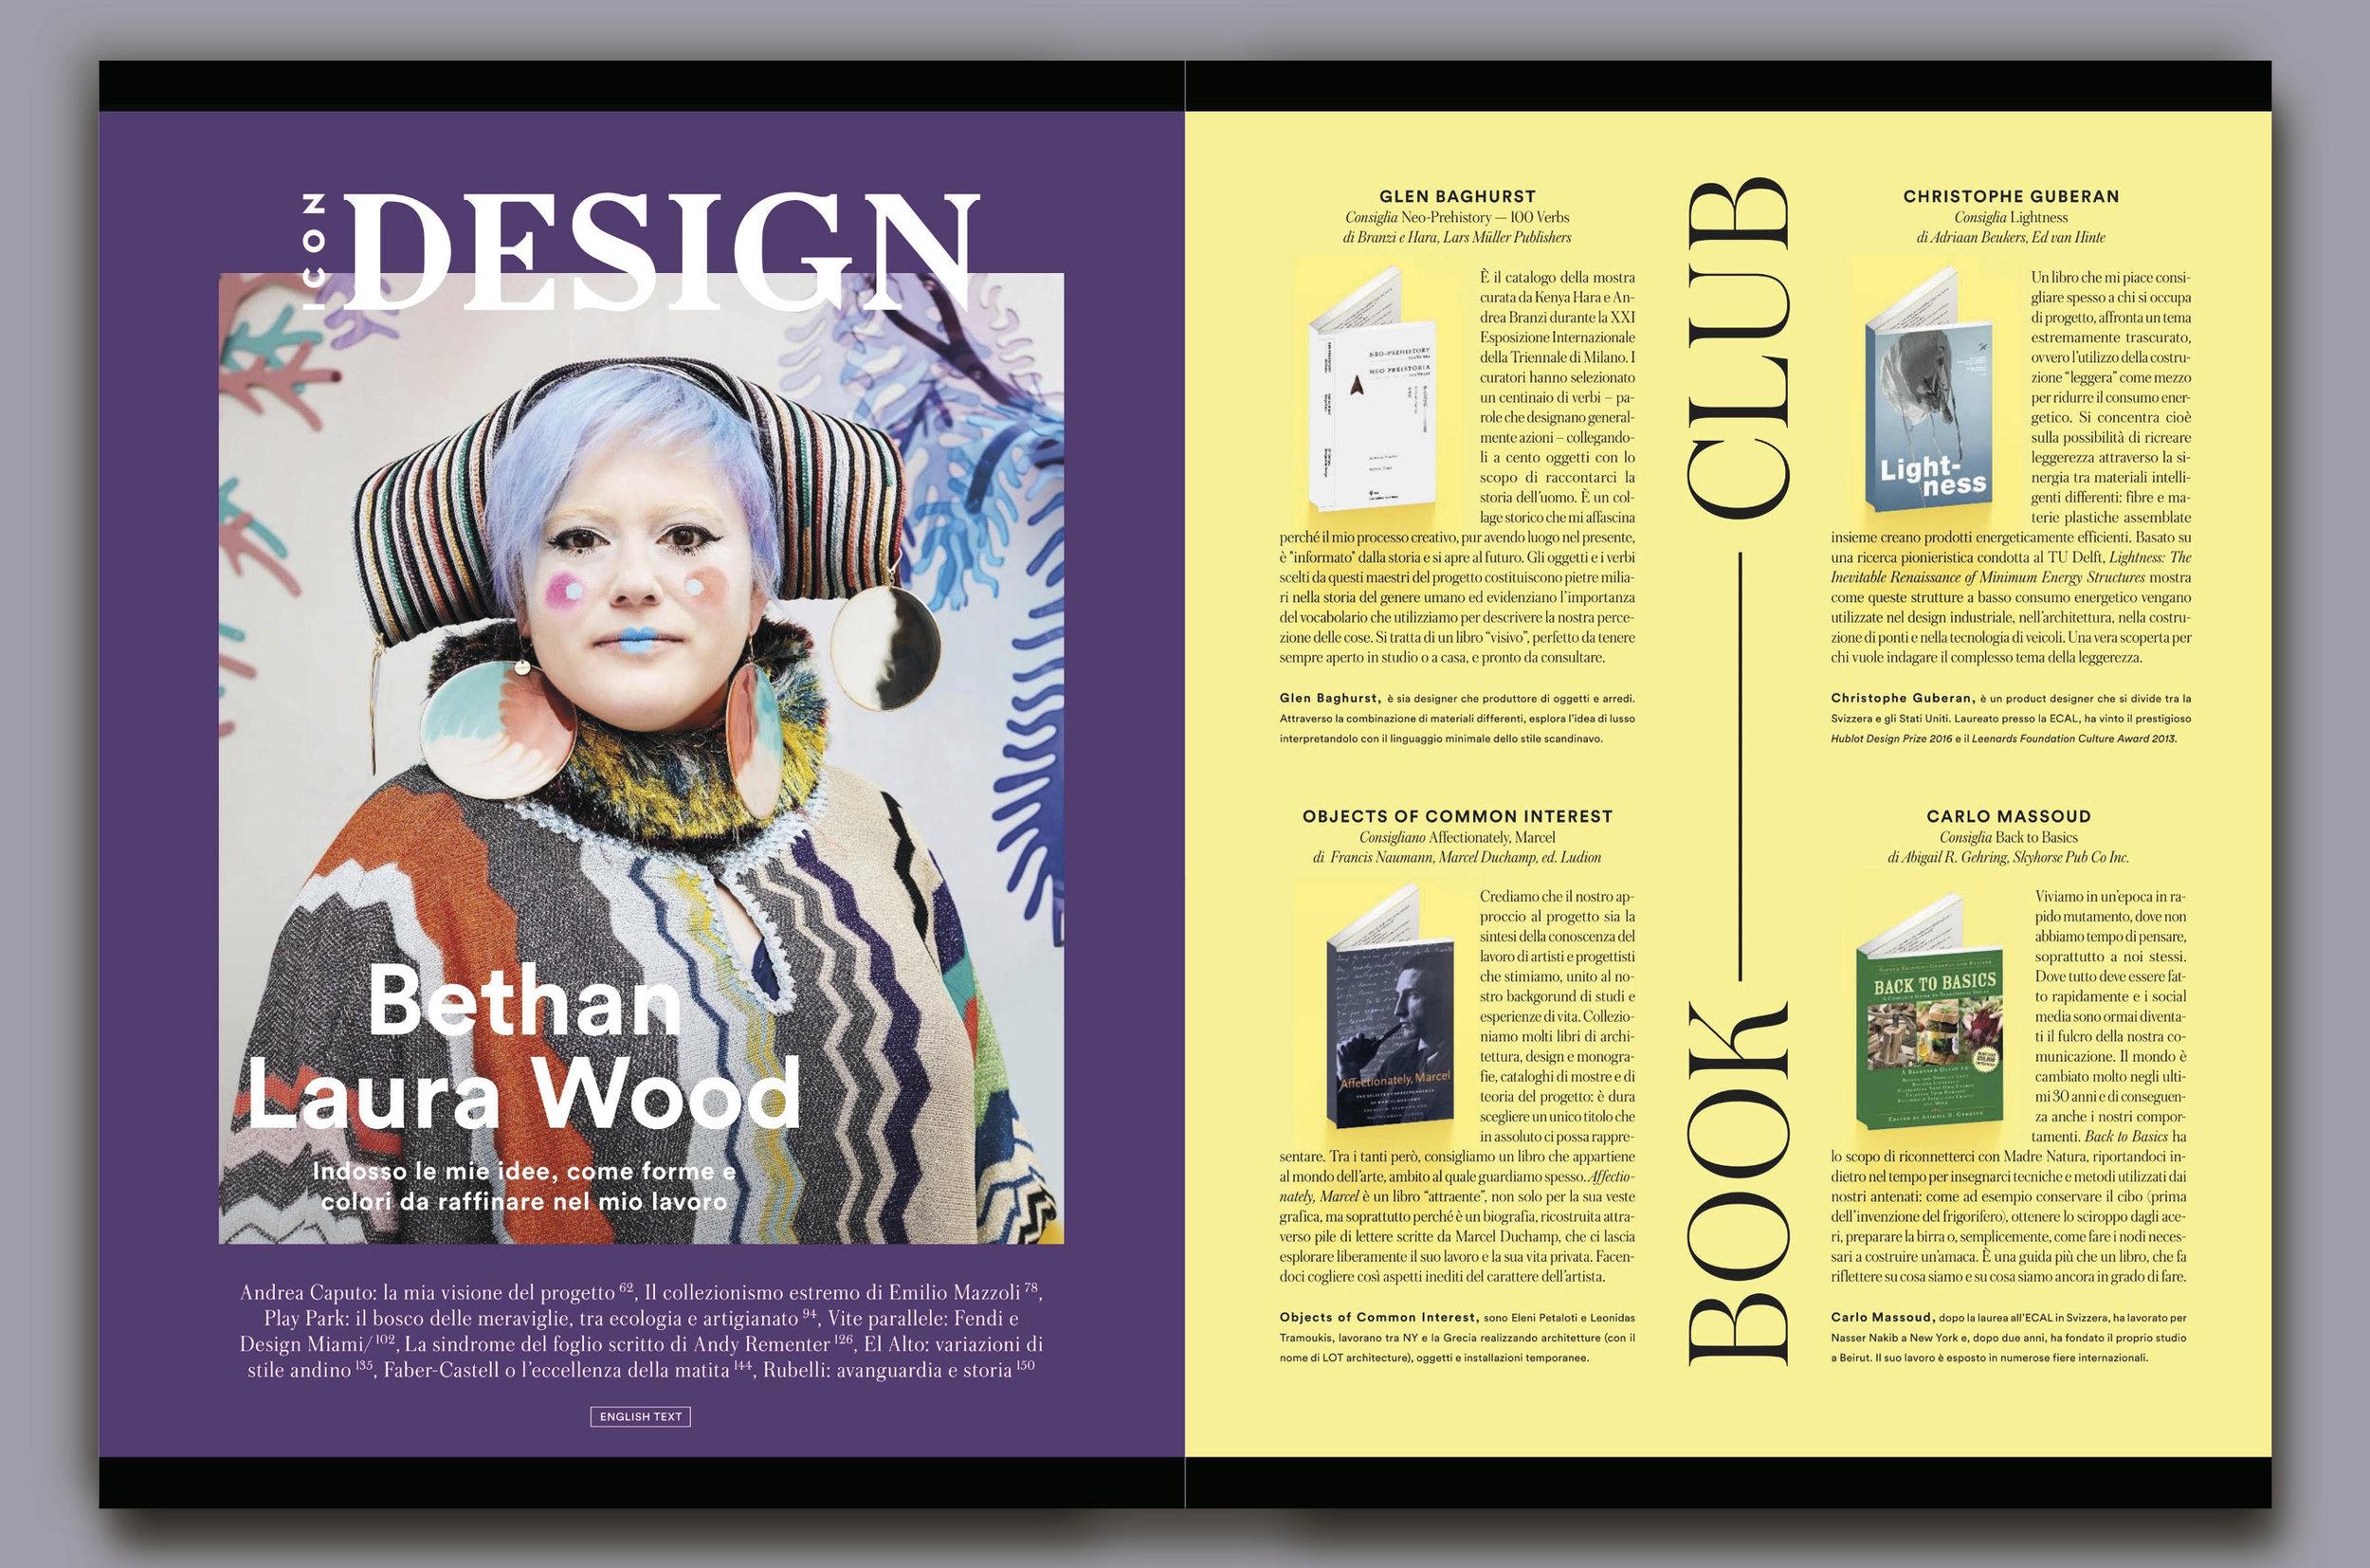 ICON Design, Book Club